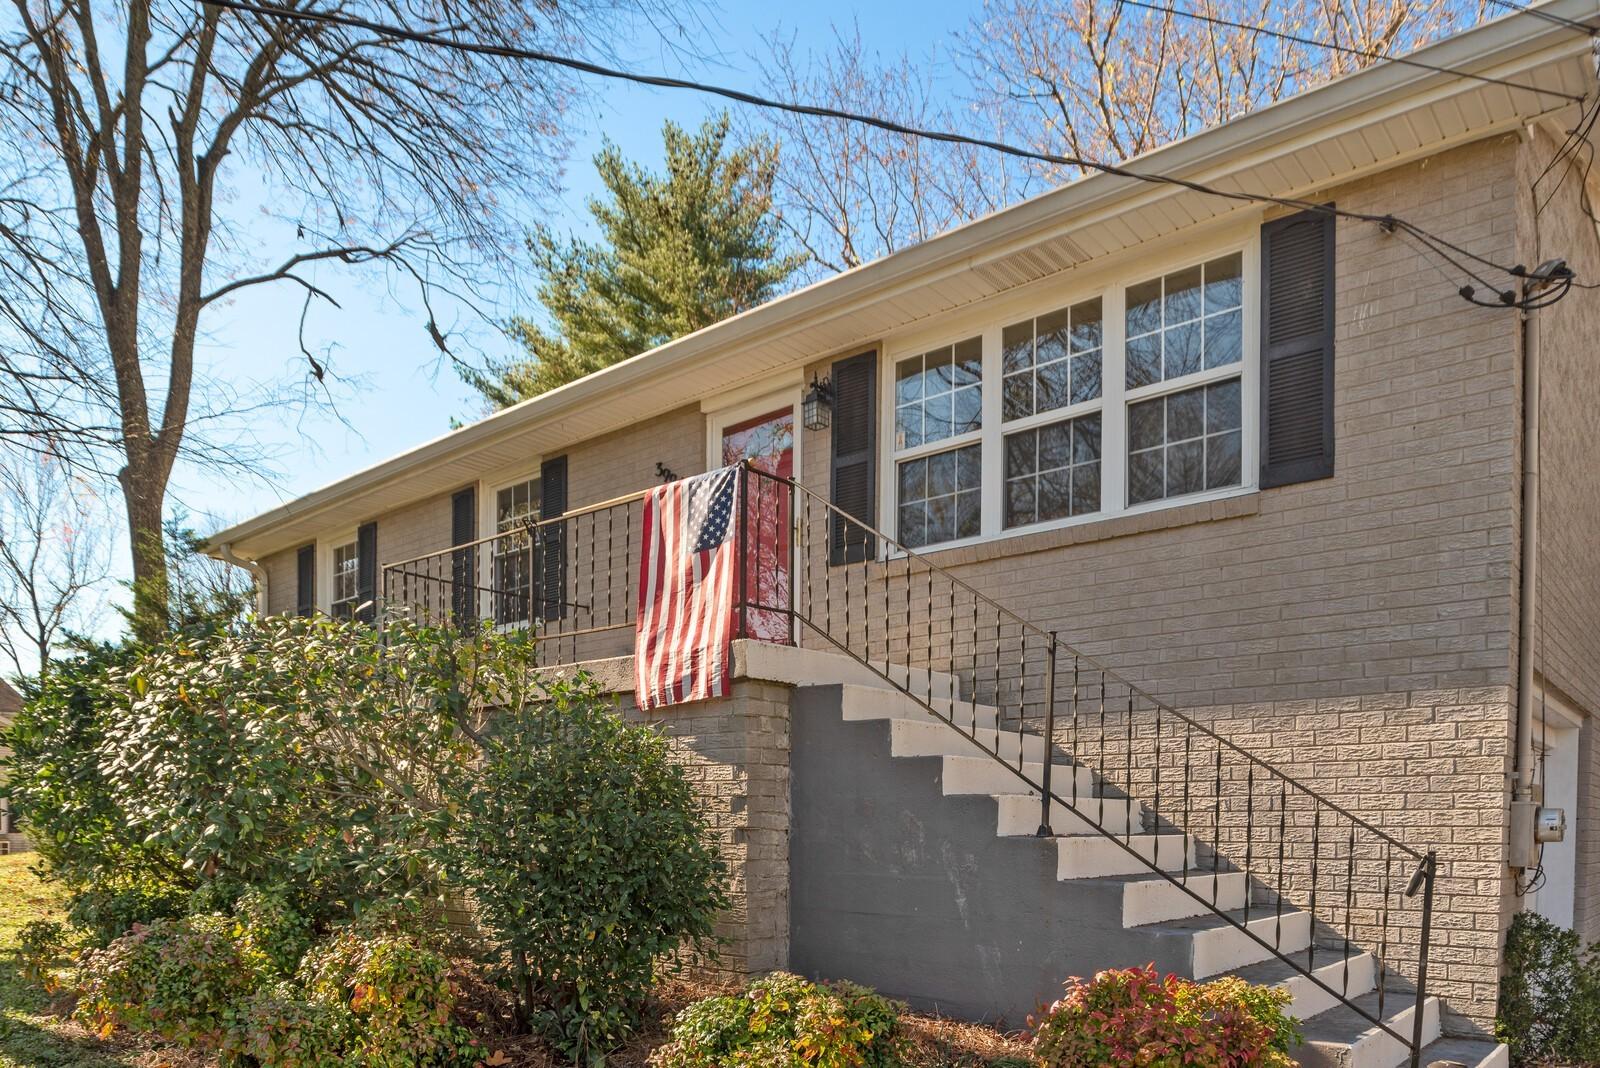 3994 Lawing Dr Property Photo - Nashville, TN real estate listing